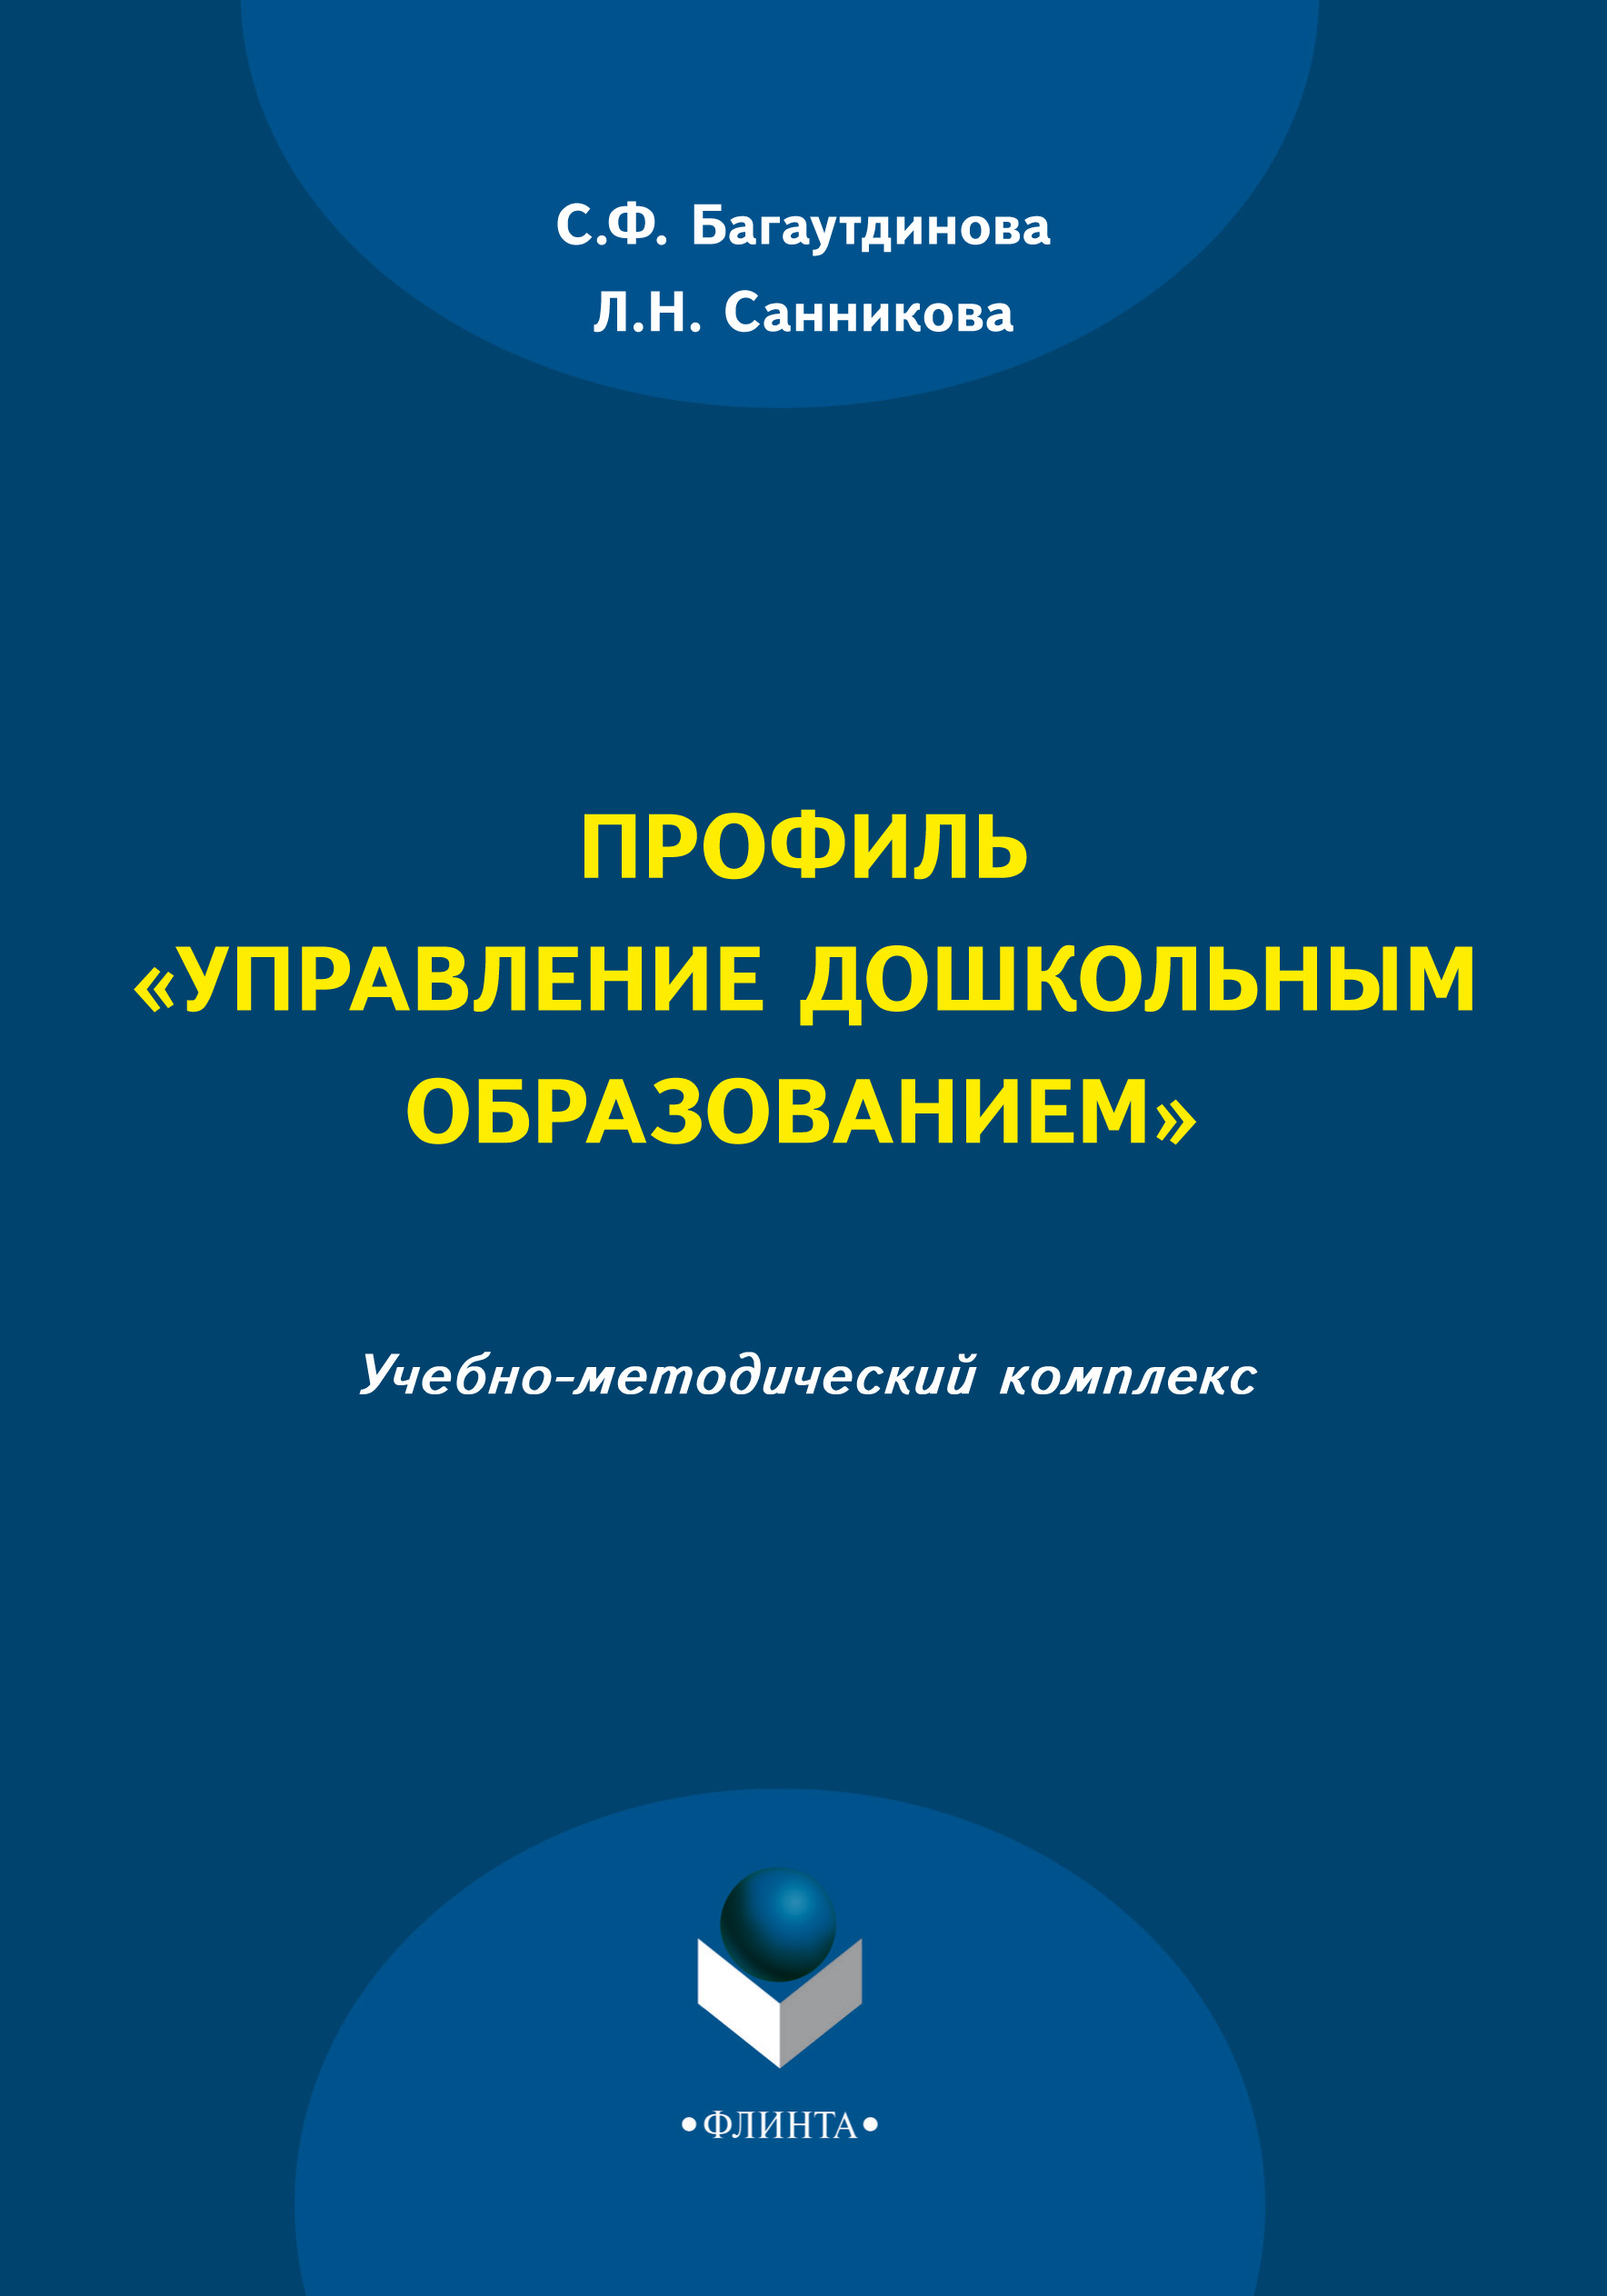 С. Ф. Багаутдинова Профиль «Управление дошкольным образованием» с ф багаутдинова управление дошкольным образованием